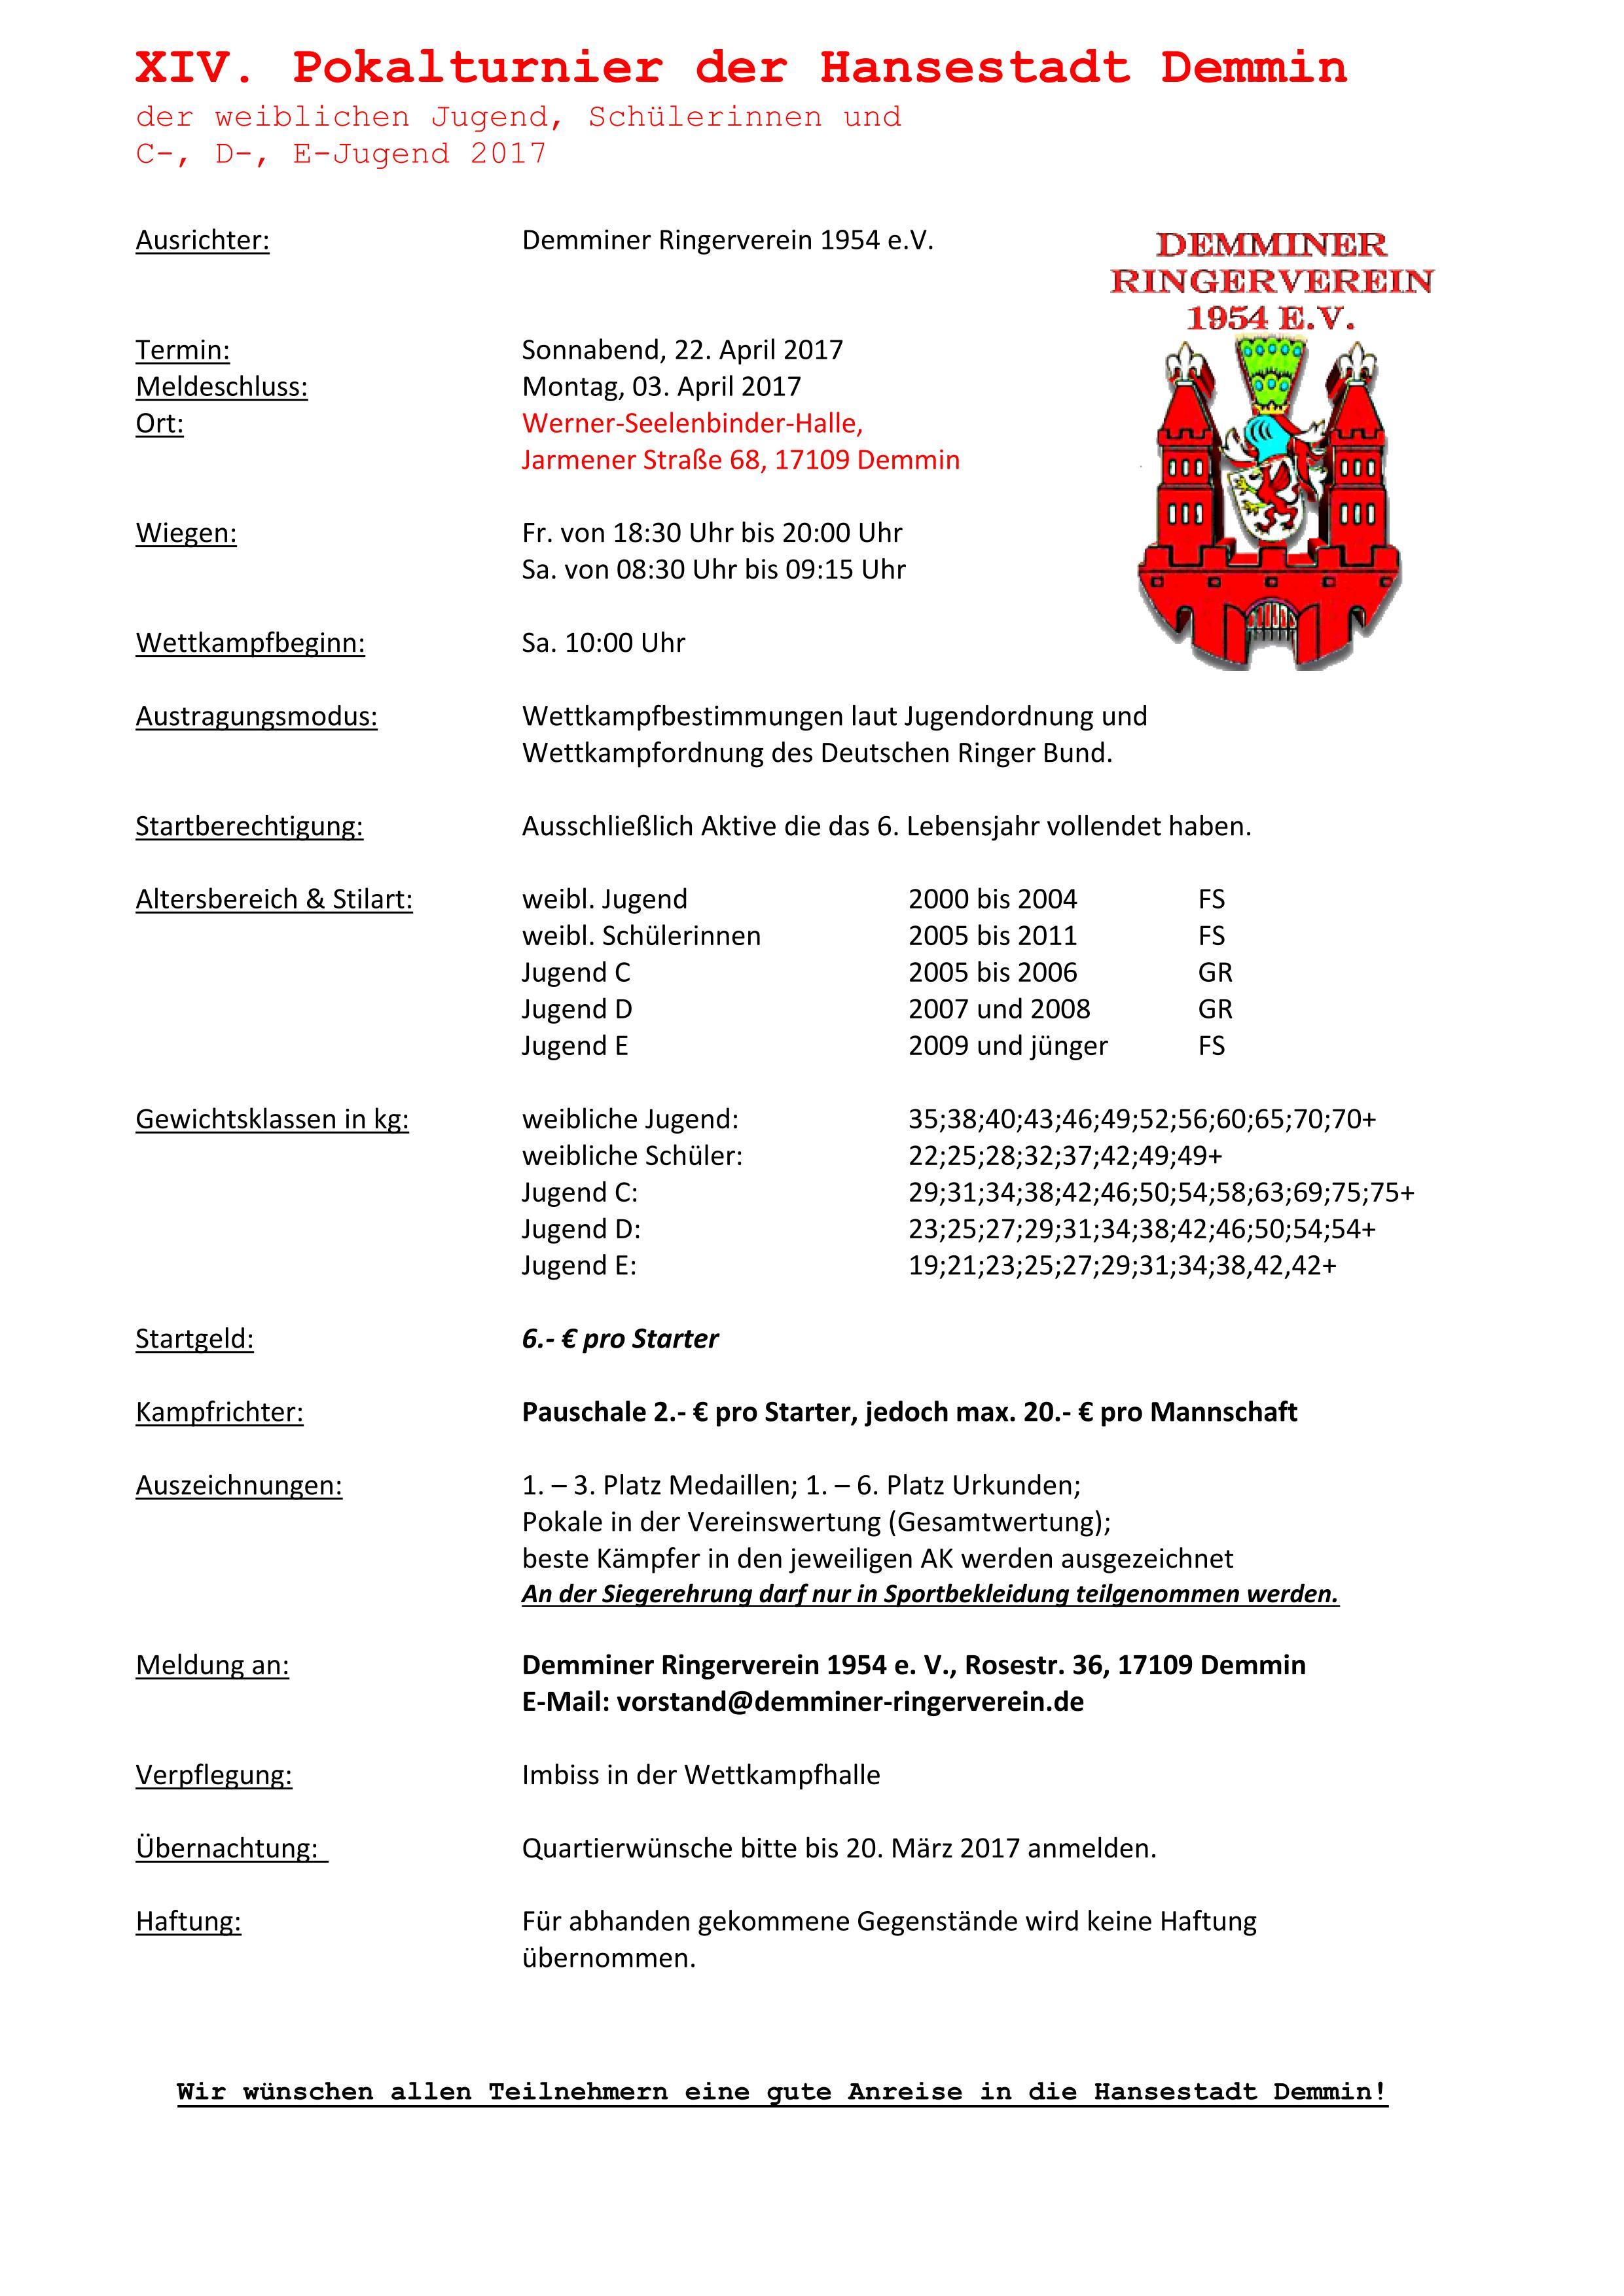 XIV. Pokalturnier der Hansestadt Demmin